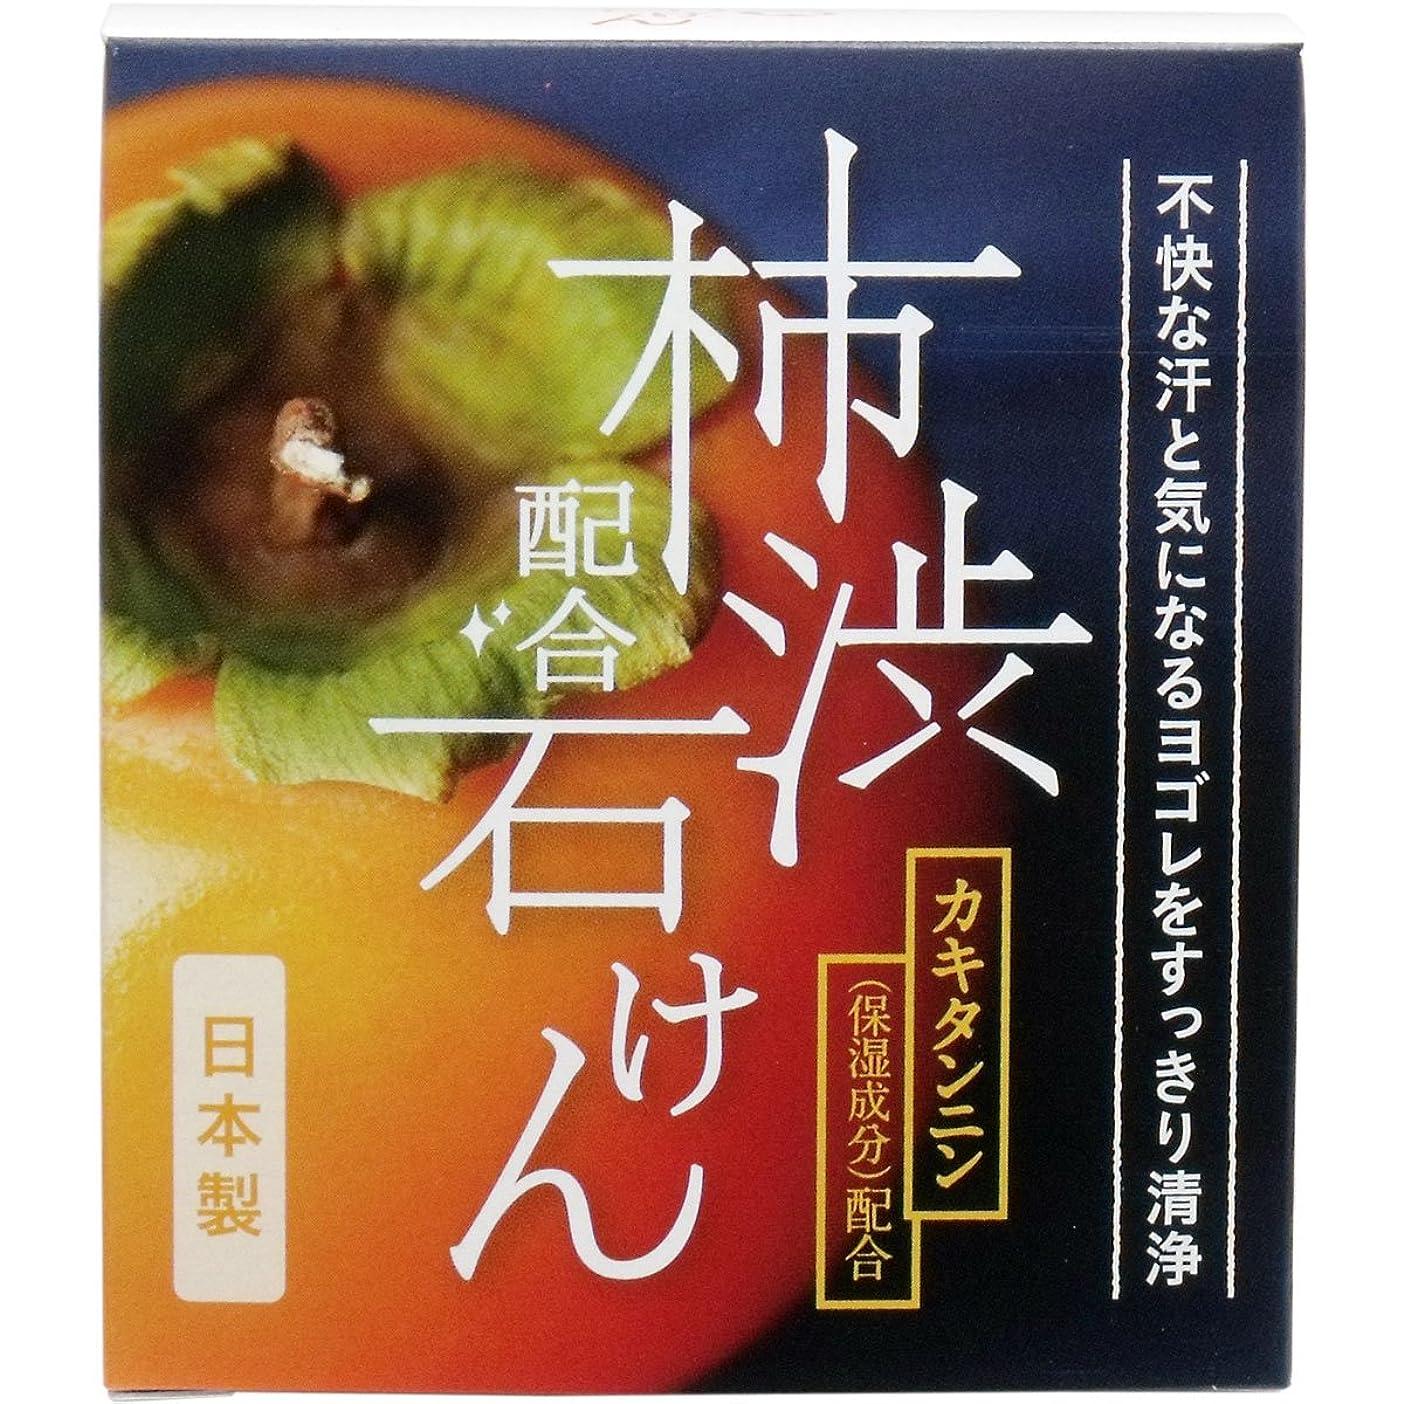 免除阻害する動的W柿渋配合石けん WHY-SKA 100g